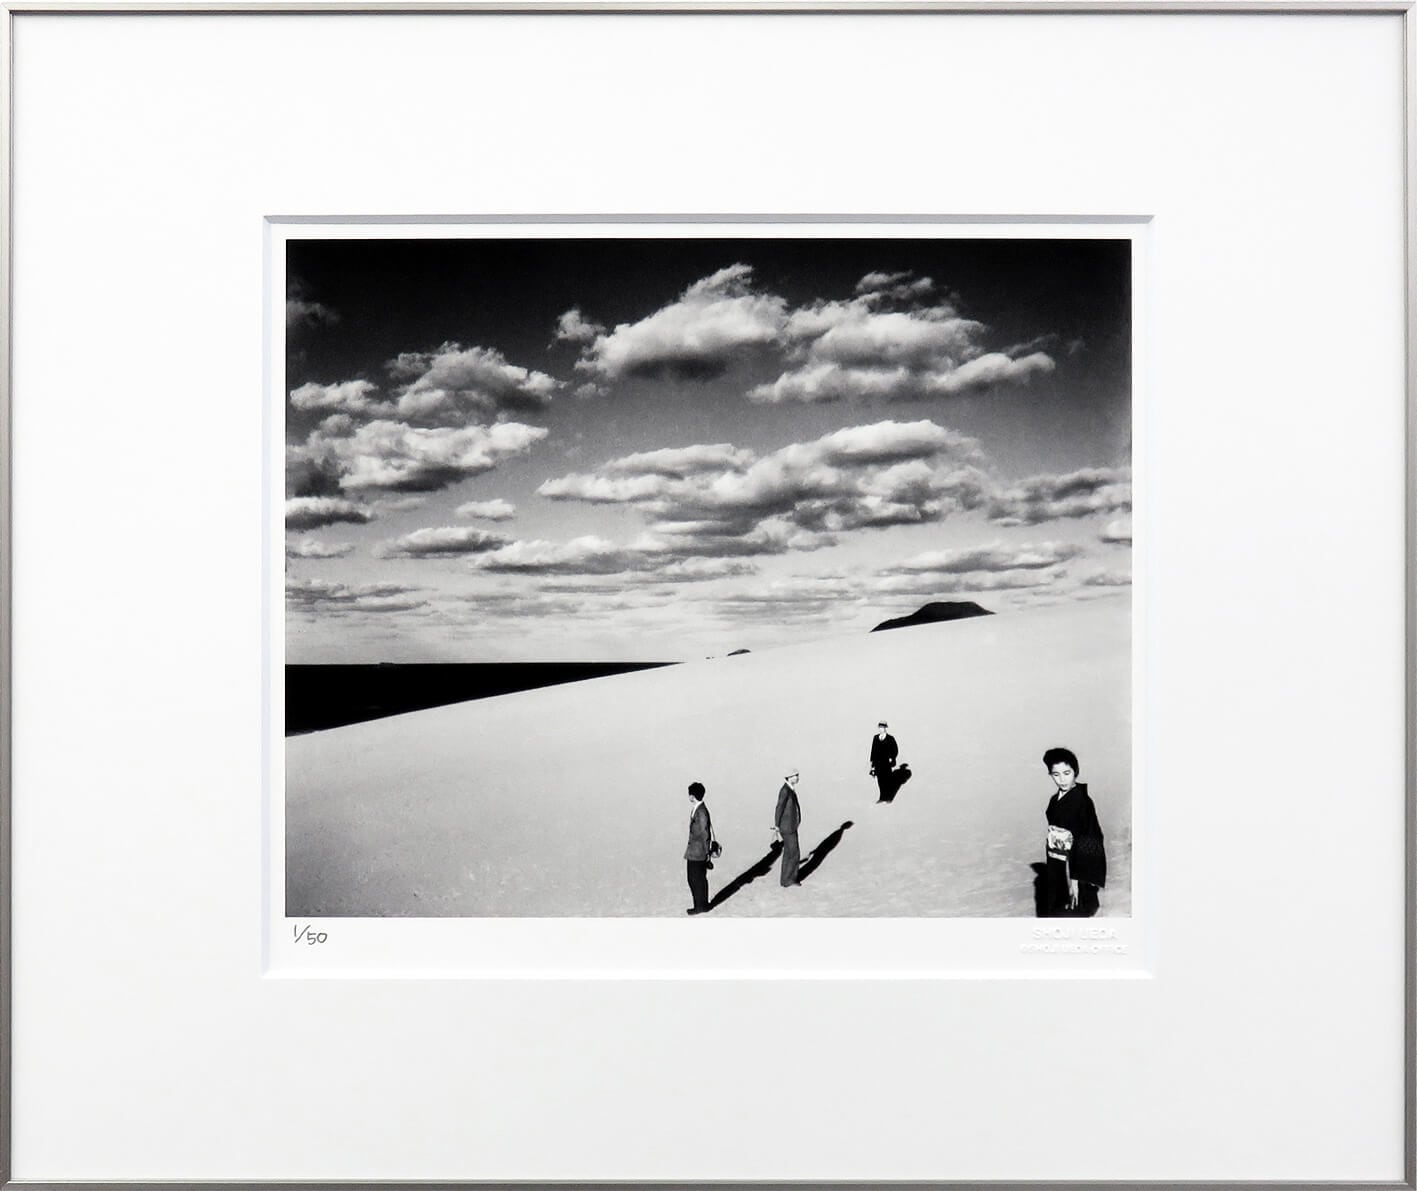 植田正治 版画「妻のいる砂丘風景(�)」の画像